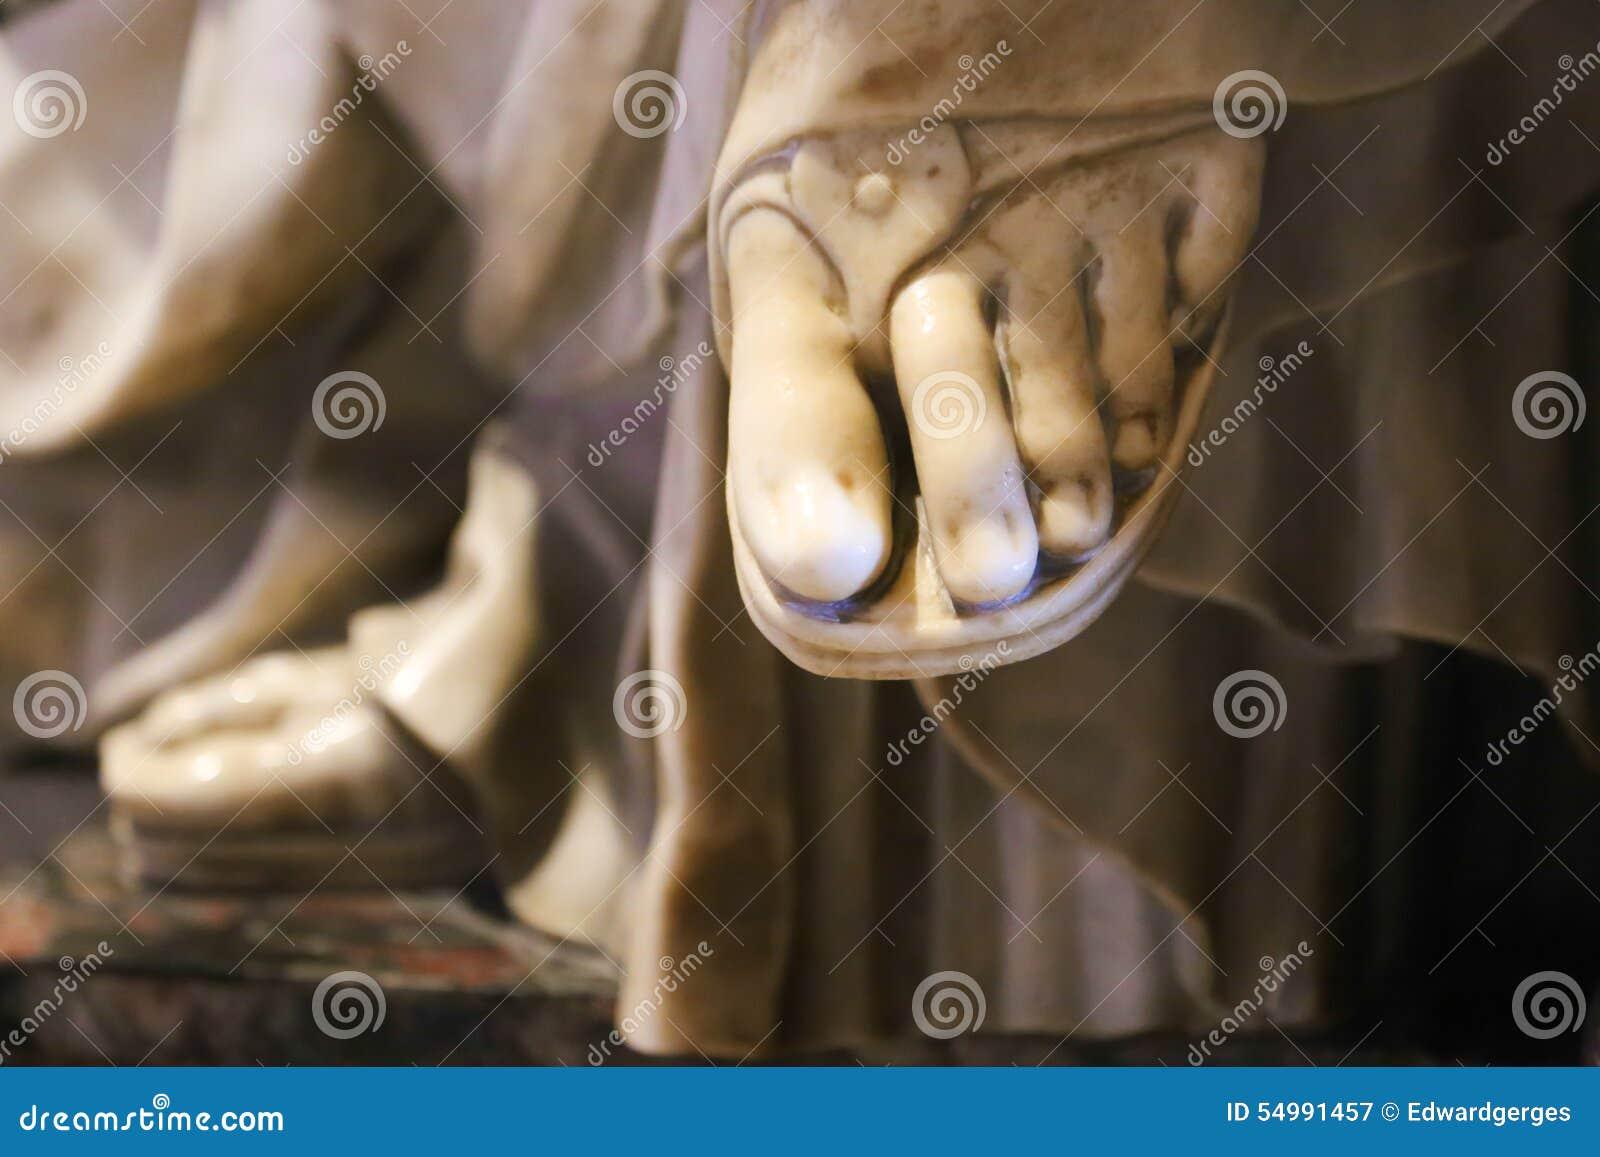 Nożny Watykan, Włochy